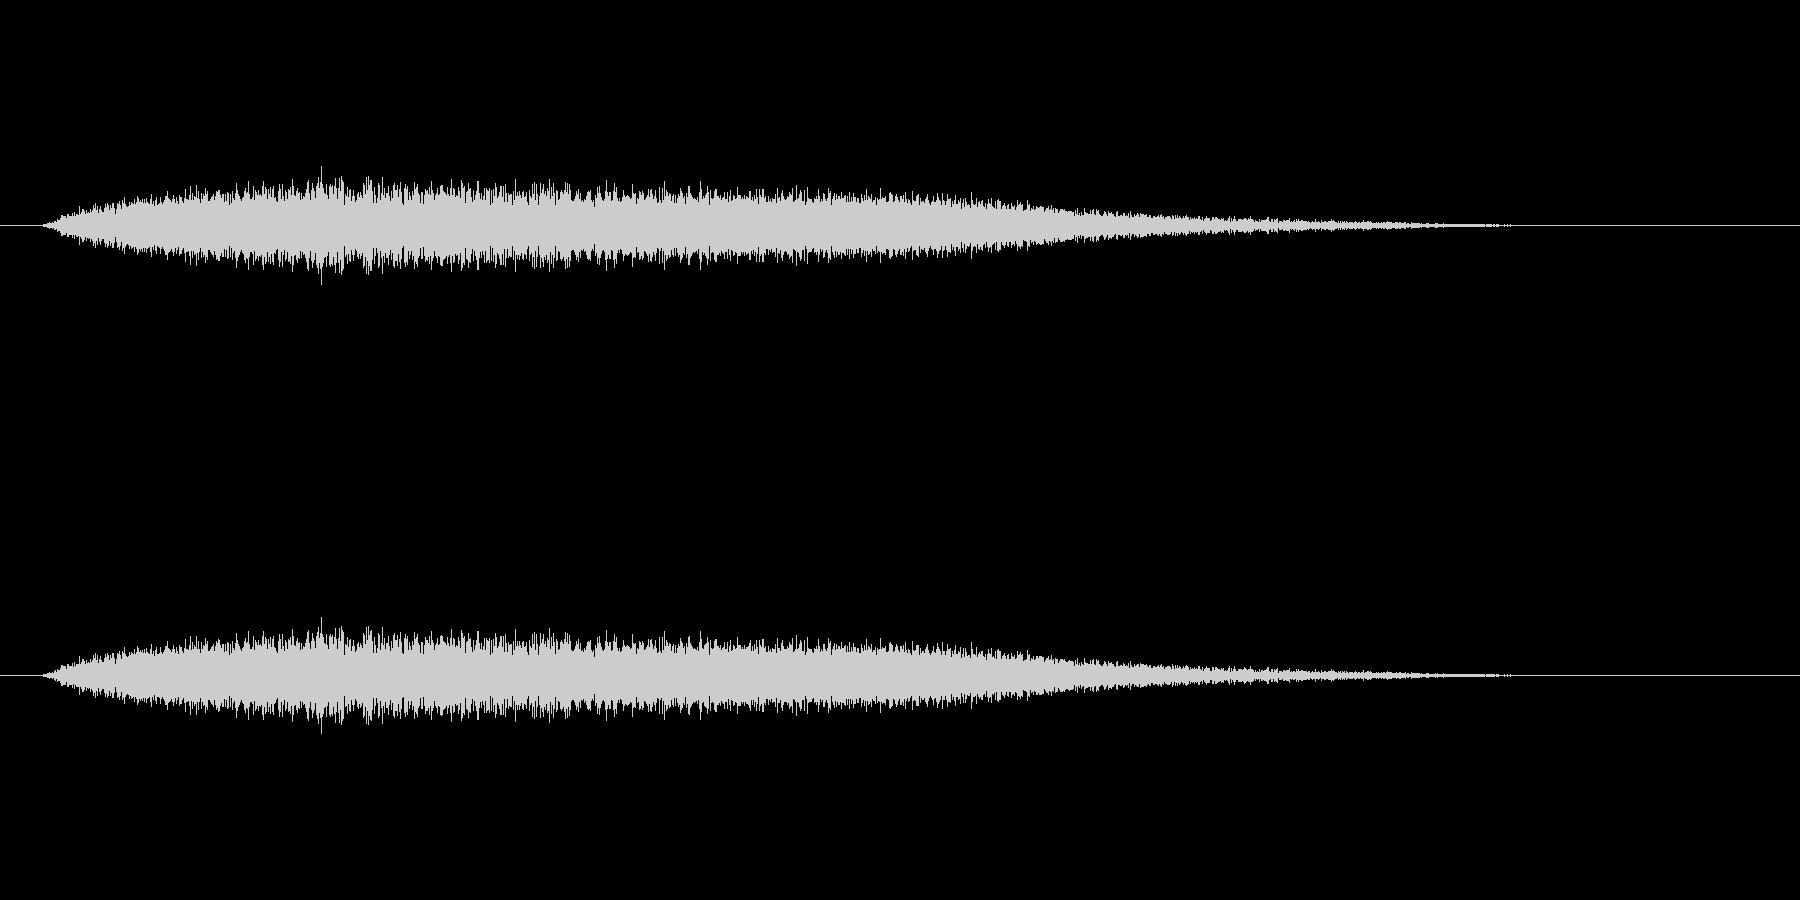 【風 合成02-6】の未再生の波形